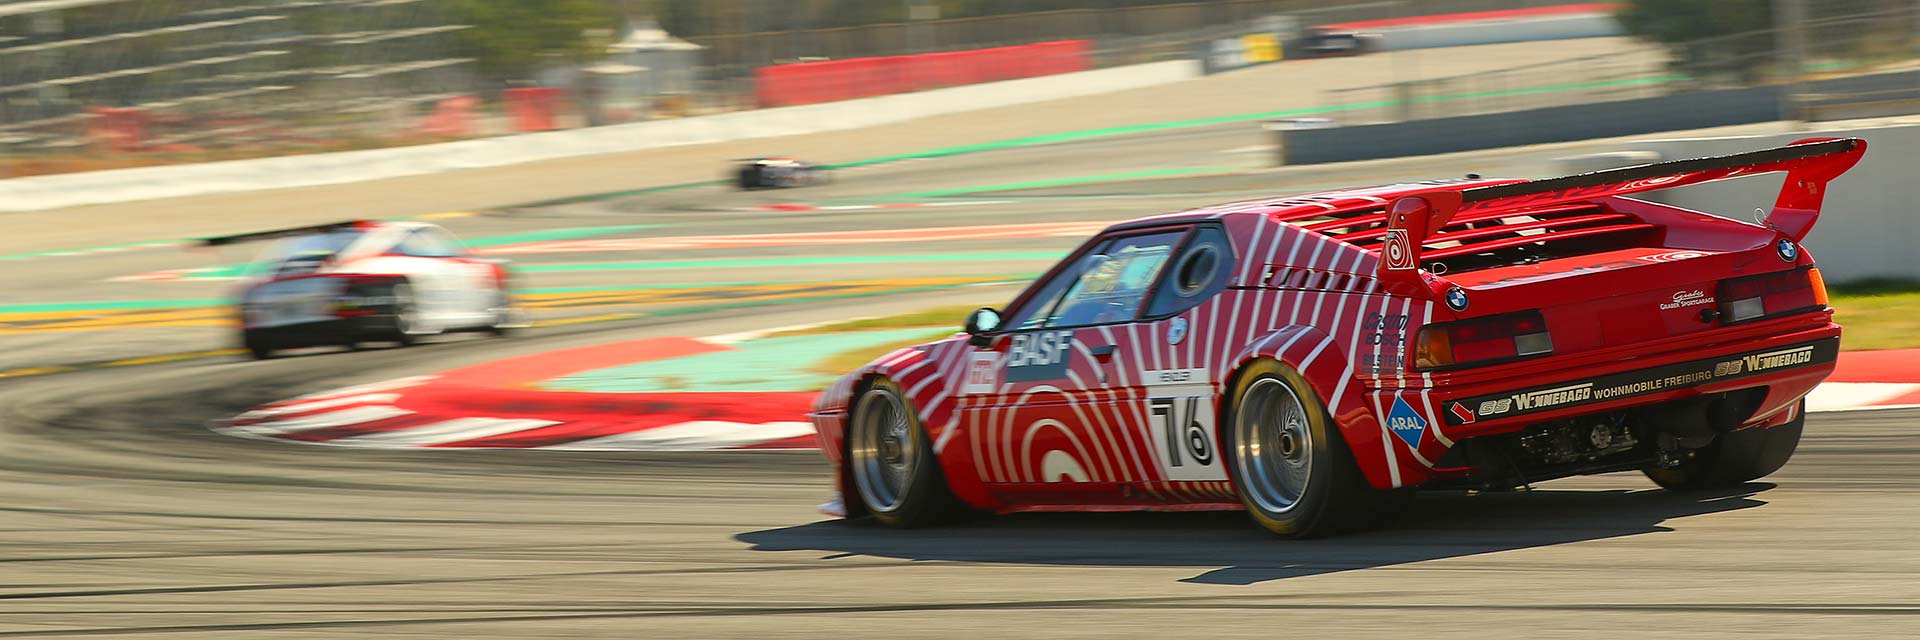 GEDLICH Racing - Termine & Buchung